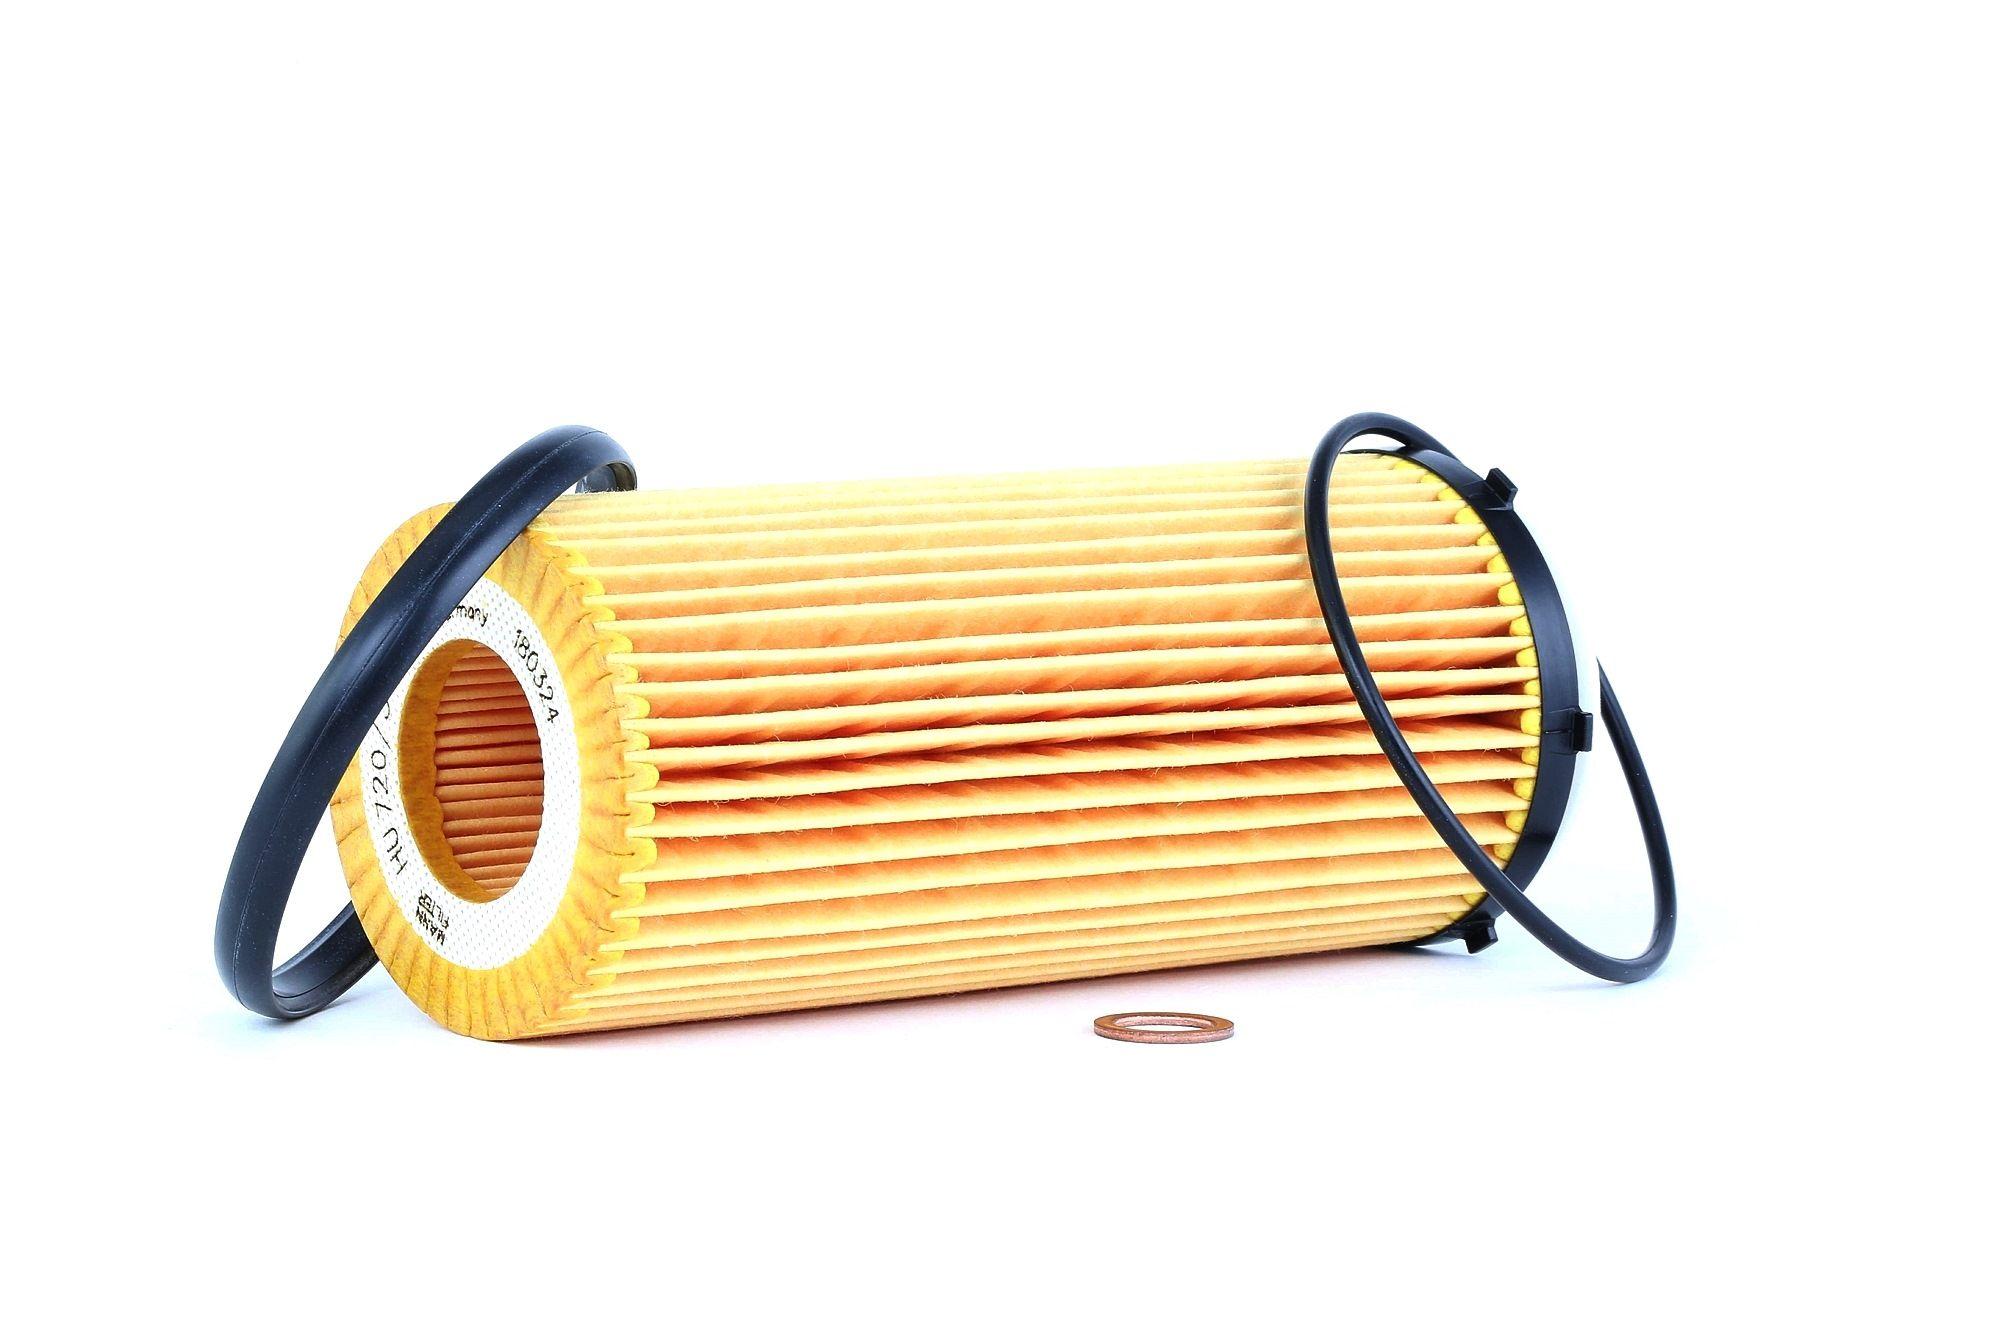 HU 720/3 x MANN-FILTER mit Dichtungen, Filtereinsatz Innendurchmesser: 28mm, Innendurchmesser 2: 31mm, Ø: 63mm, Höhe: 155mm Ölfilter HU 720/3 x günstig kaufen